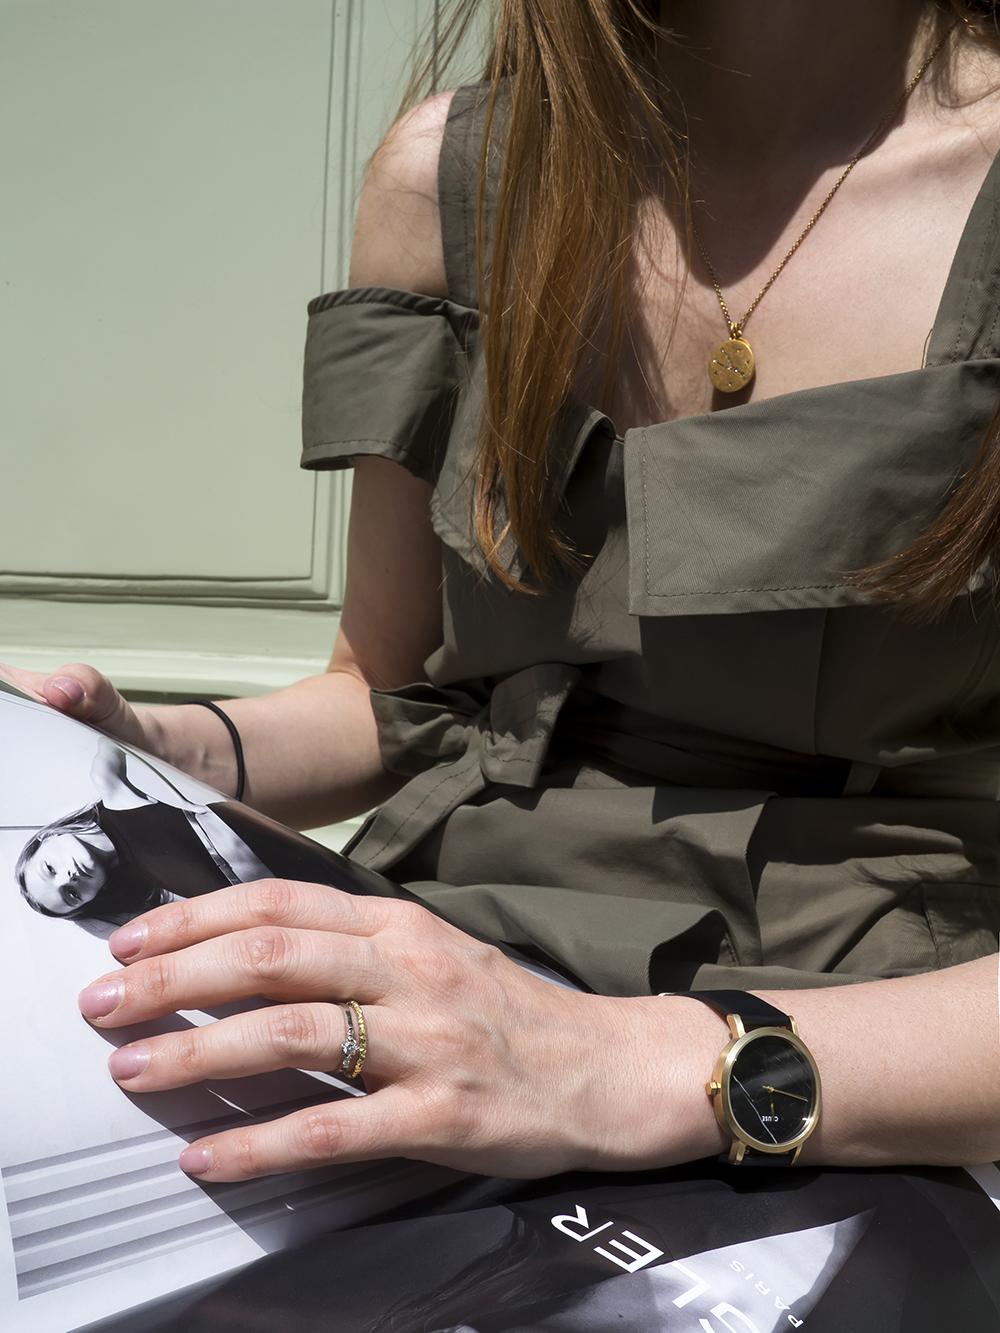 ako sa zbaviť nenoseného oblečenia